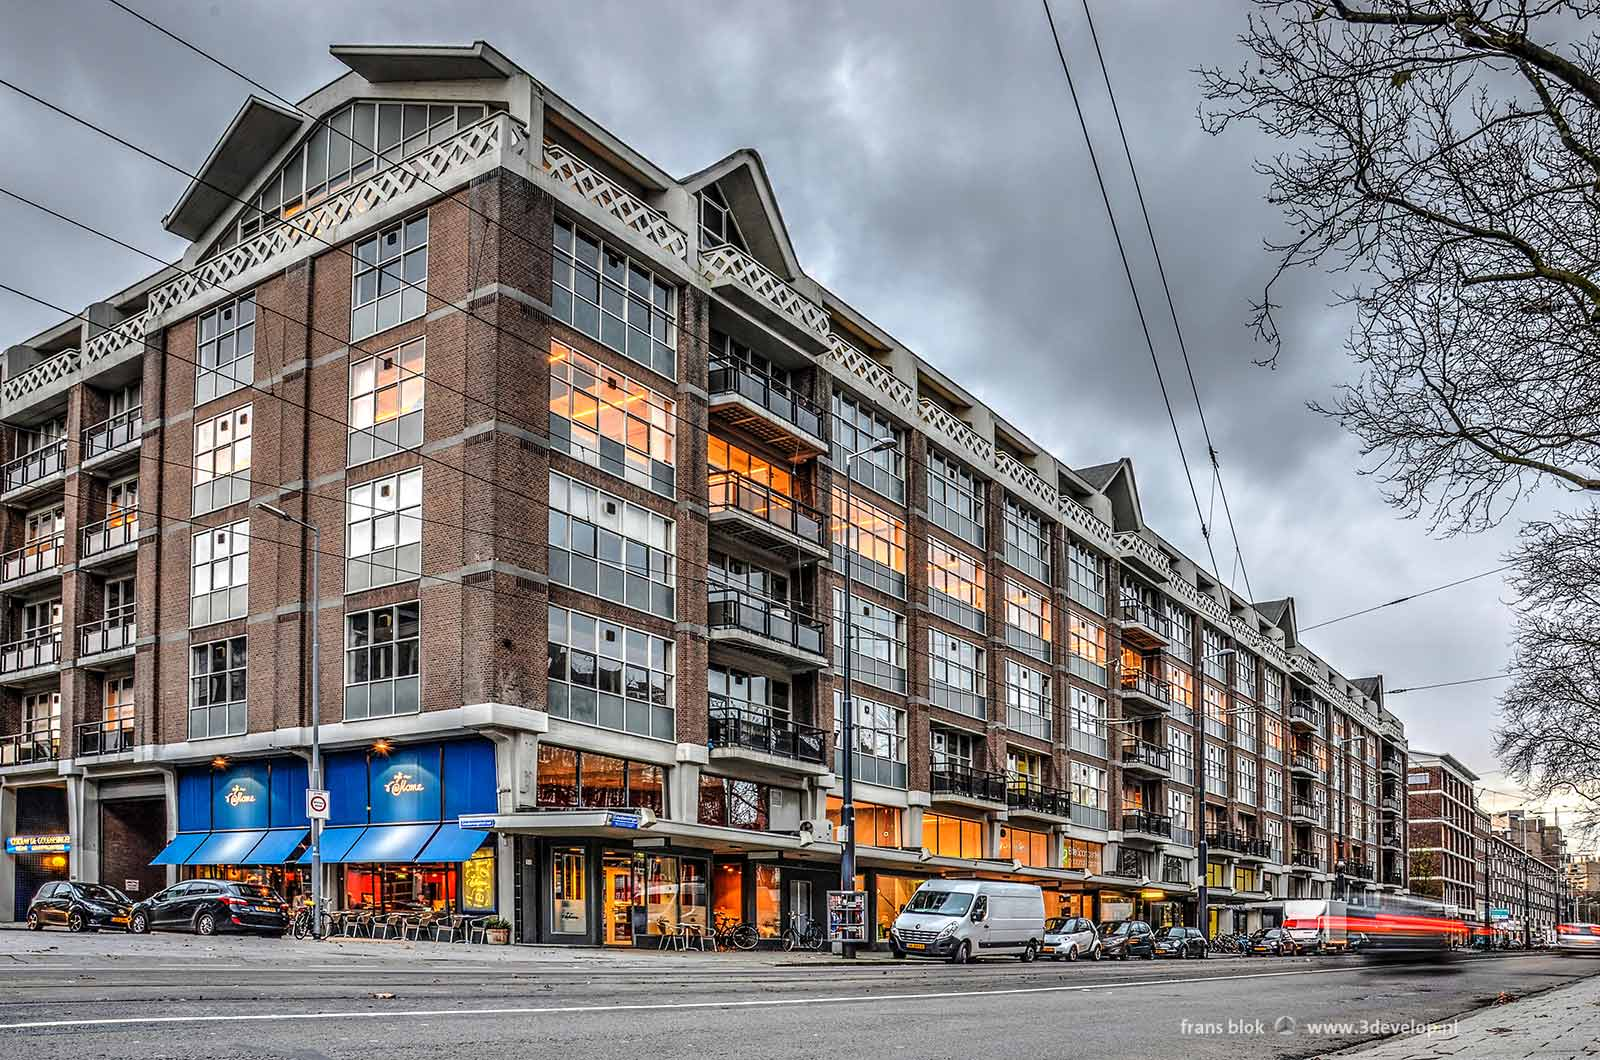 Het Industriegebouw van Maaskant en Van Tijen aan de Goudsesingel, gefotografeerd aan het eind van de middag als de eerste lichten aangaan.